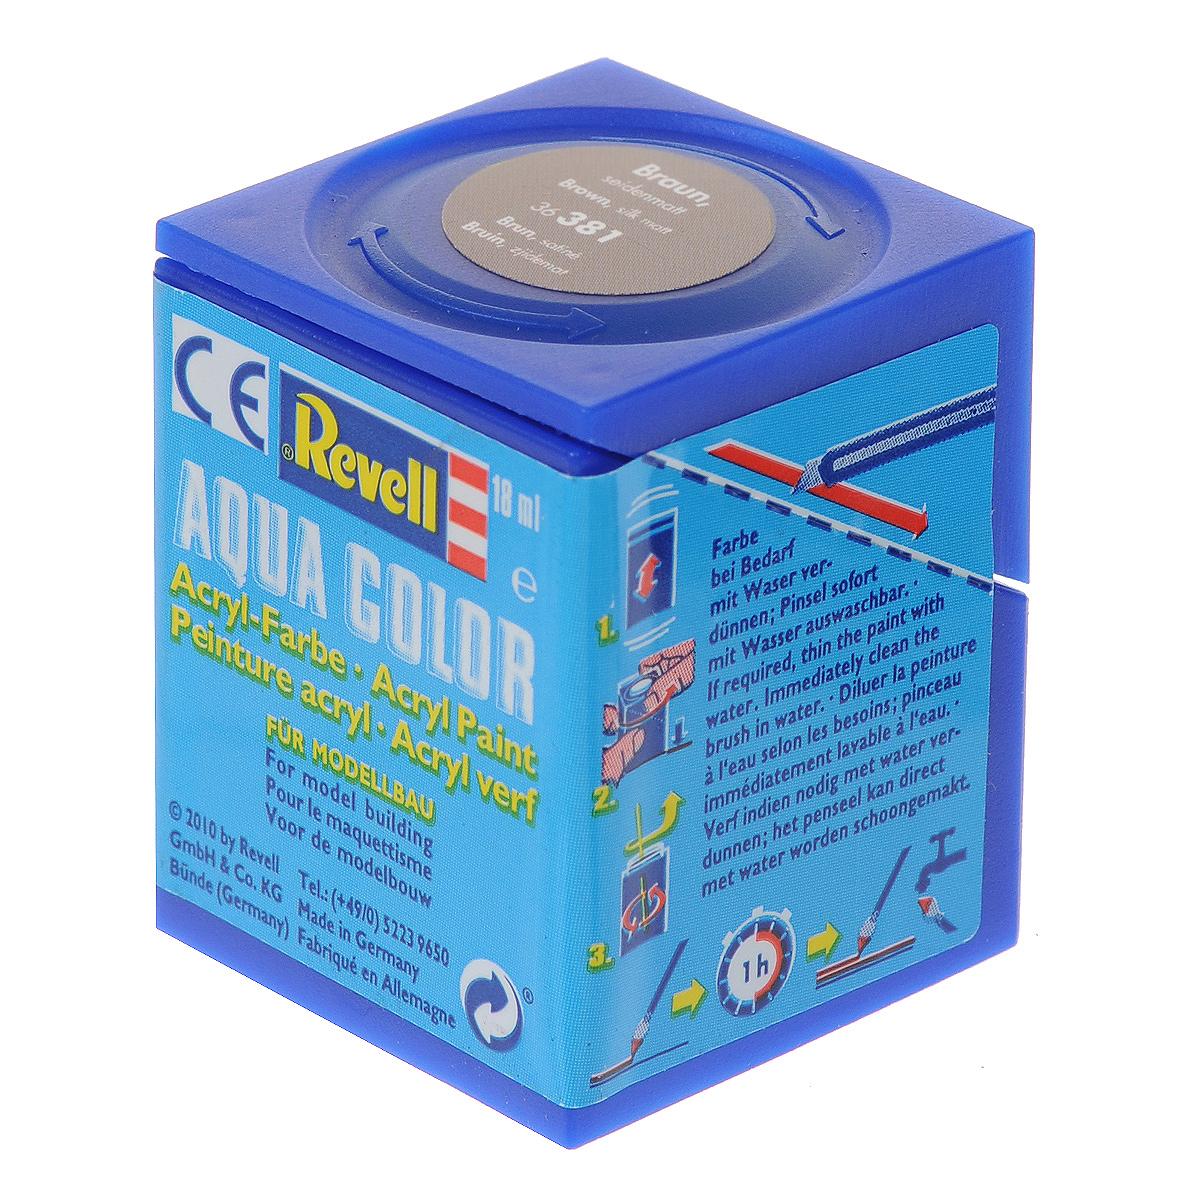 Revell Аква-краска шелково-матовая цвет коричневый 18 мл36381Краски для моделей Revell - это высококачественный материал для покраски ваших моделей. Данная краска служит для окрашивания пластиковых поверхностей сборных моделей Revell. В баночке содержится 18 мл краски с шелково-матовым эффектом. В случае необходимости различные оттенки эмали могут быть смешаны друг с другом, для разбавления используется Revell Color Mix.